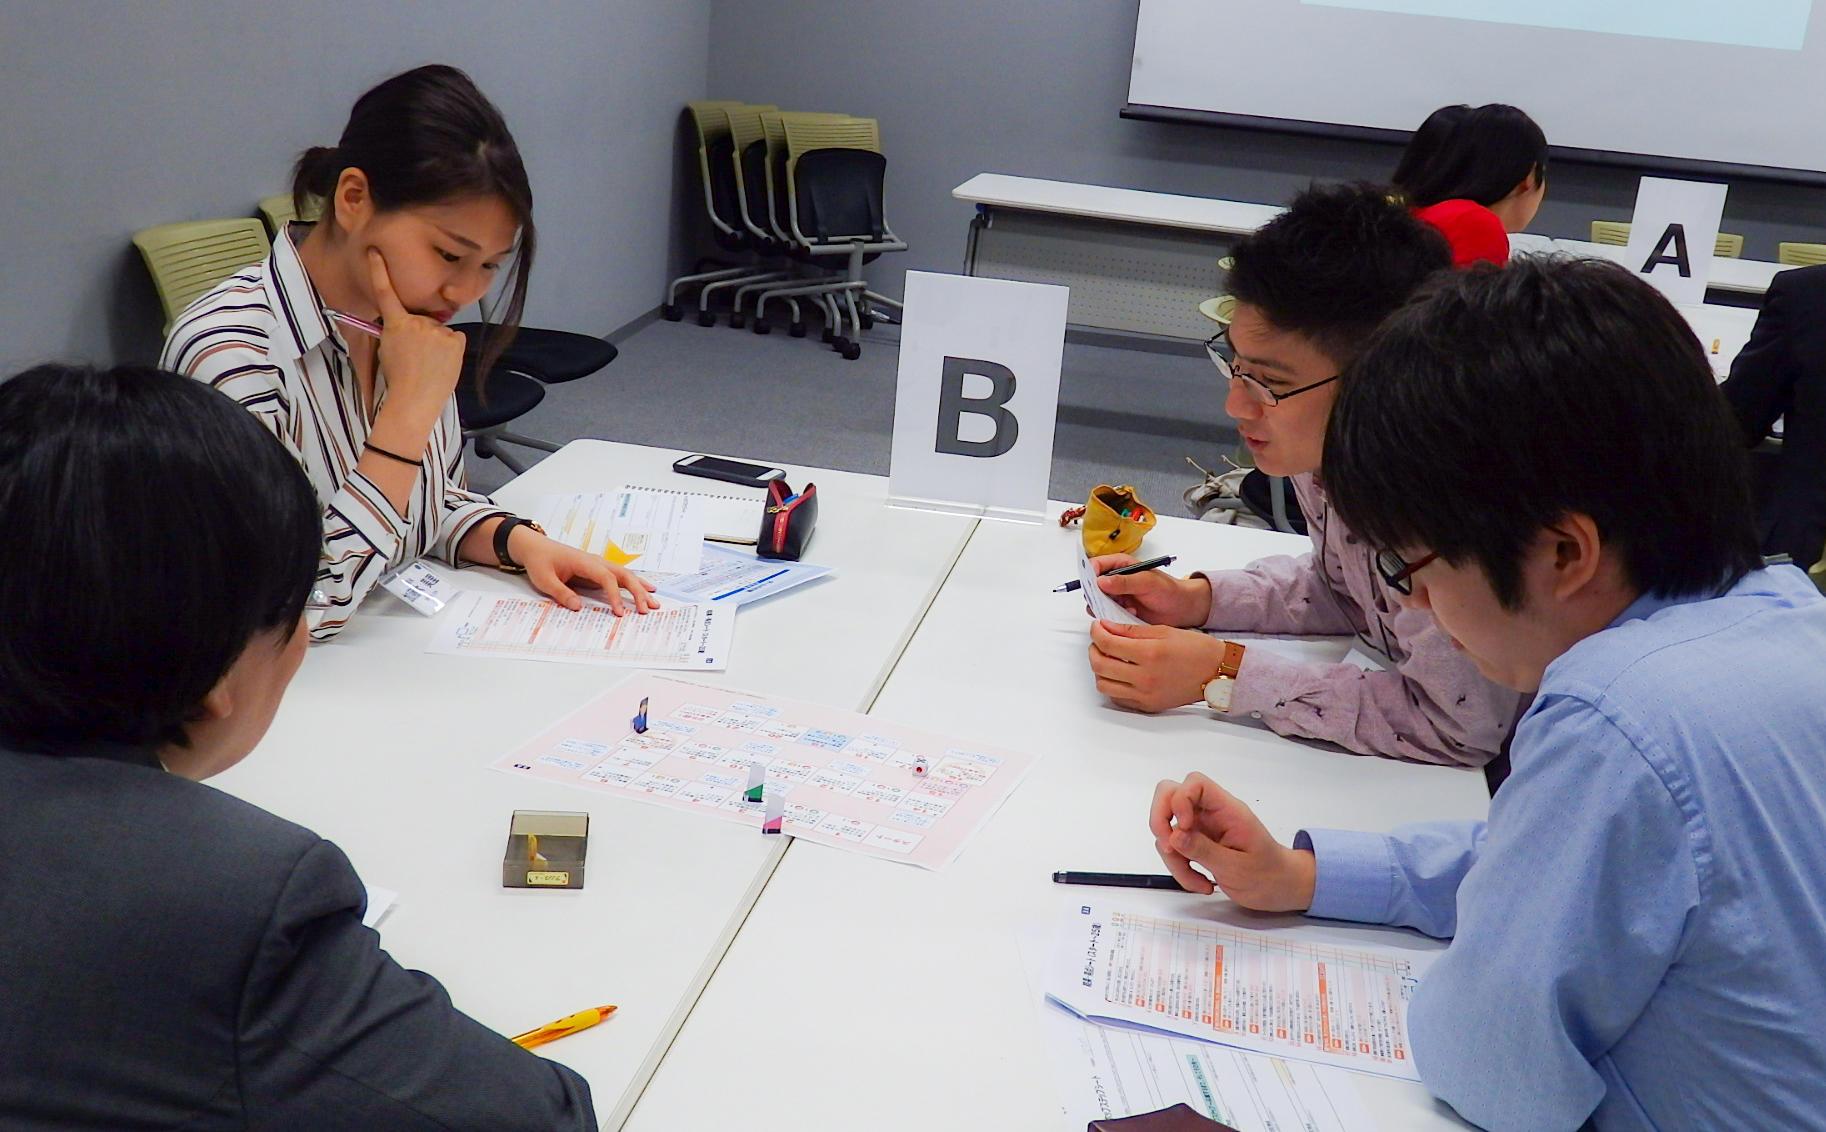 【武蔵大学】職業観を早期醸成!卒業後を見据えた4年間に!「ホップステップキャリア講座」~1・2年生限定の少人数ゼミ形式キャリア支援プログラム~